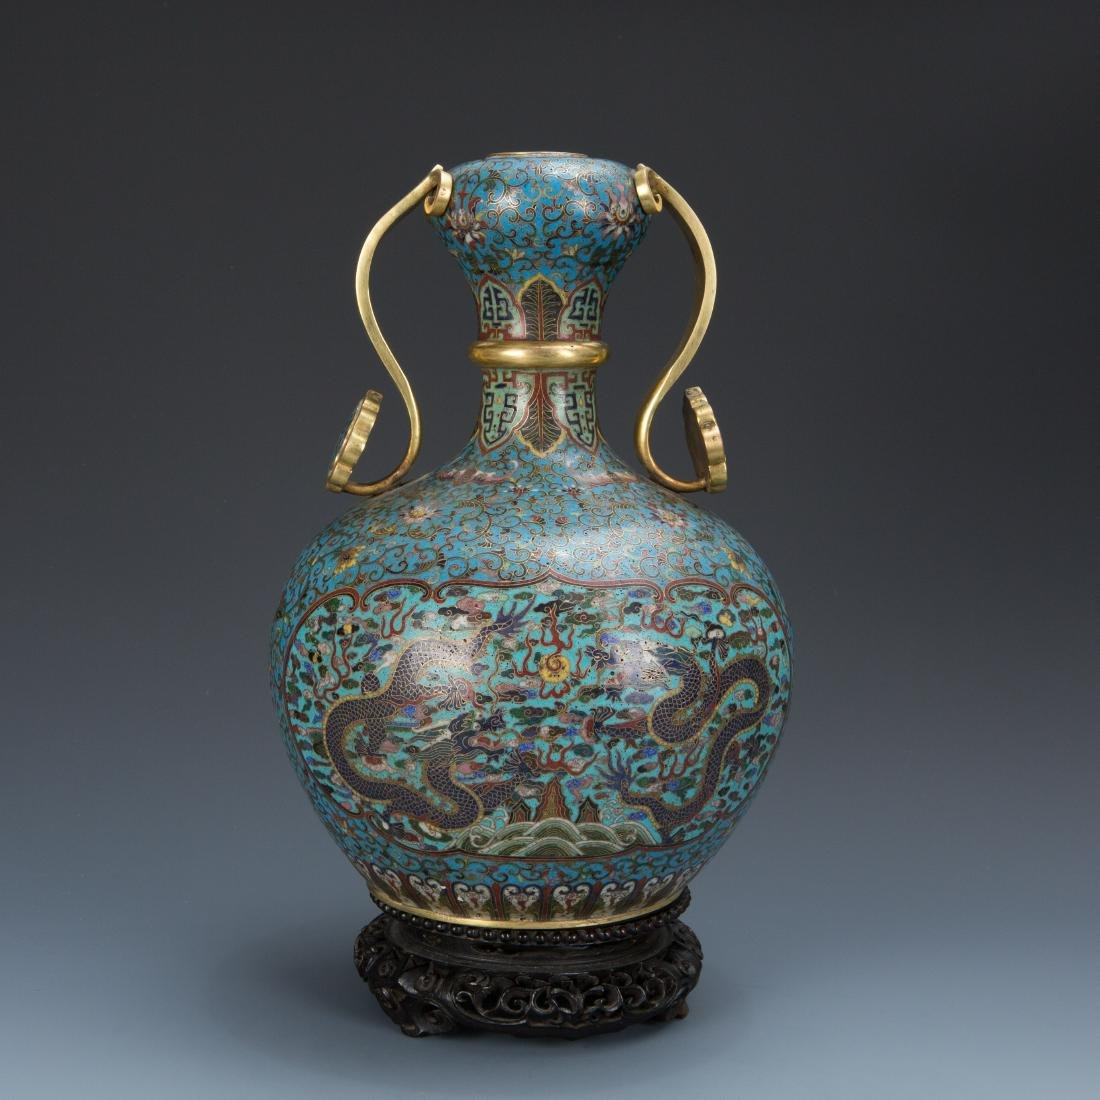 Cloisonne Enamel Vase and wood base with mark